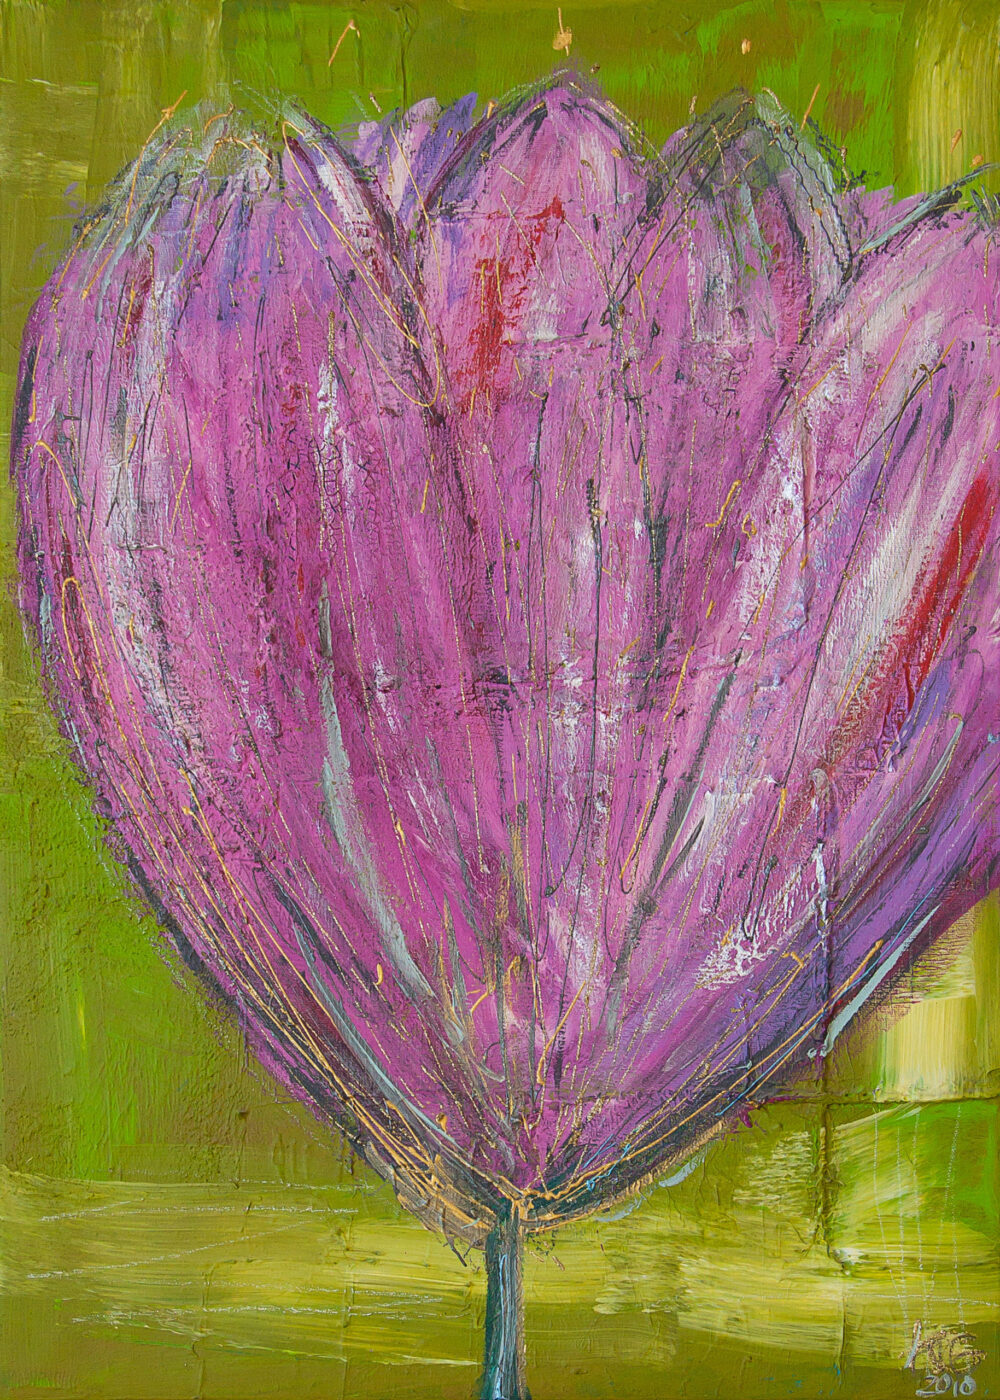 Das Gemälde Kleine Tulpe für Kate zeigt eine rosa/ lila Blume im abstrahierten, modernen Stil vor hellgrünem Hintergrund